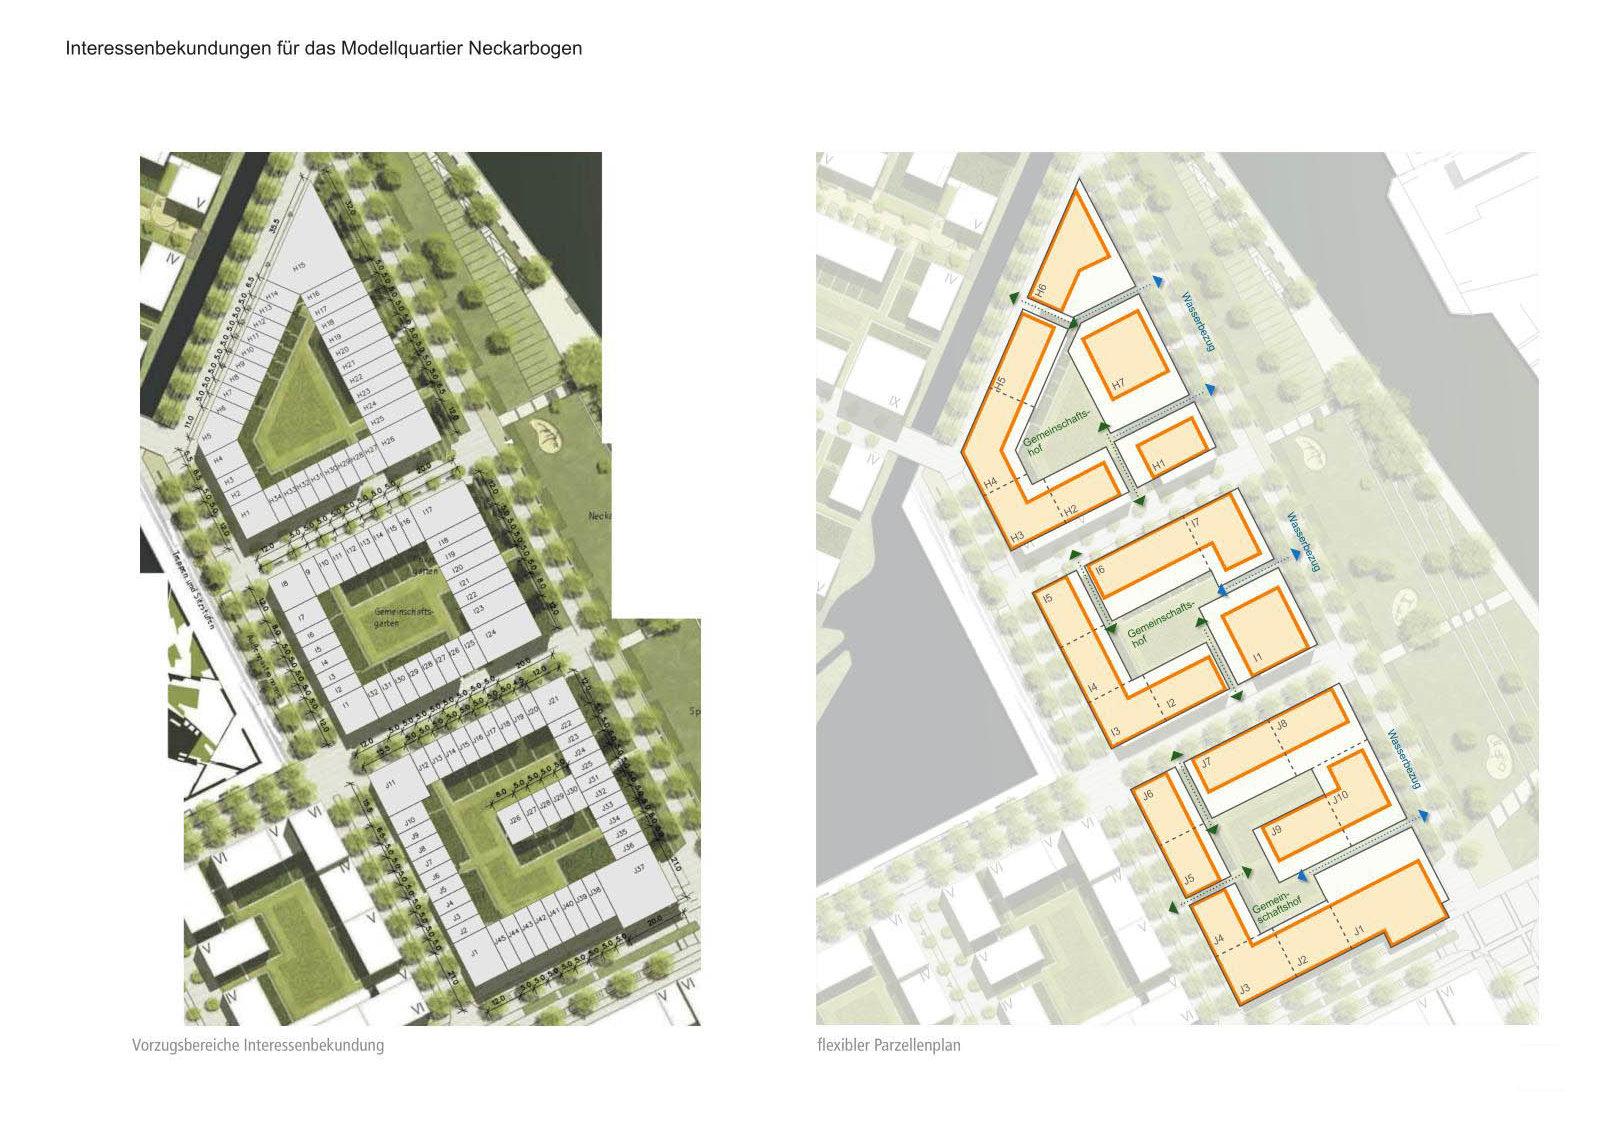 Heilbronn Neckarbogen Interessensbekundung Parzellen- und Baufeldplan